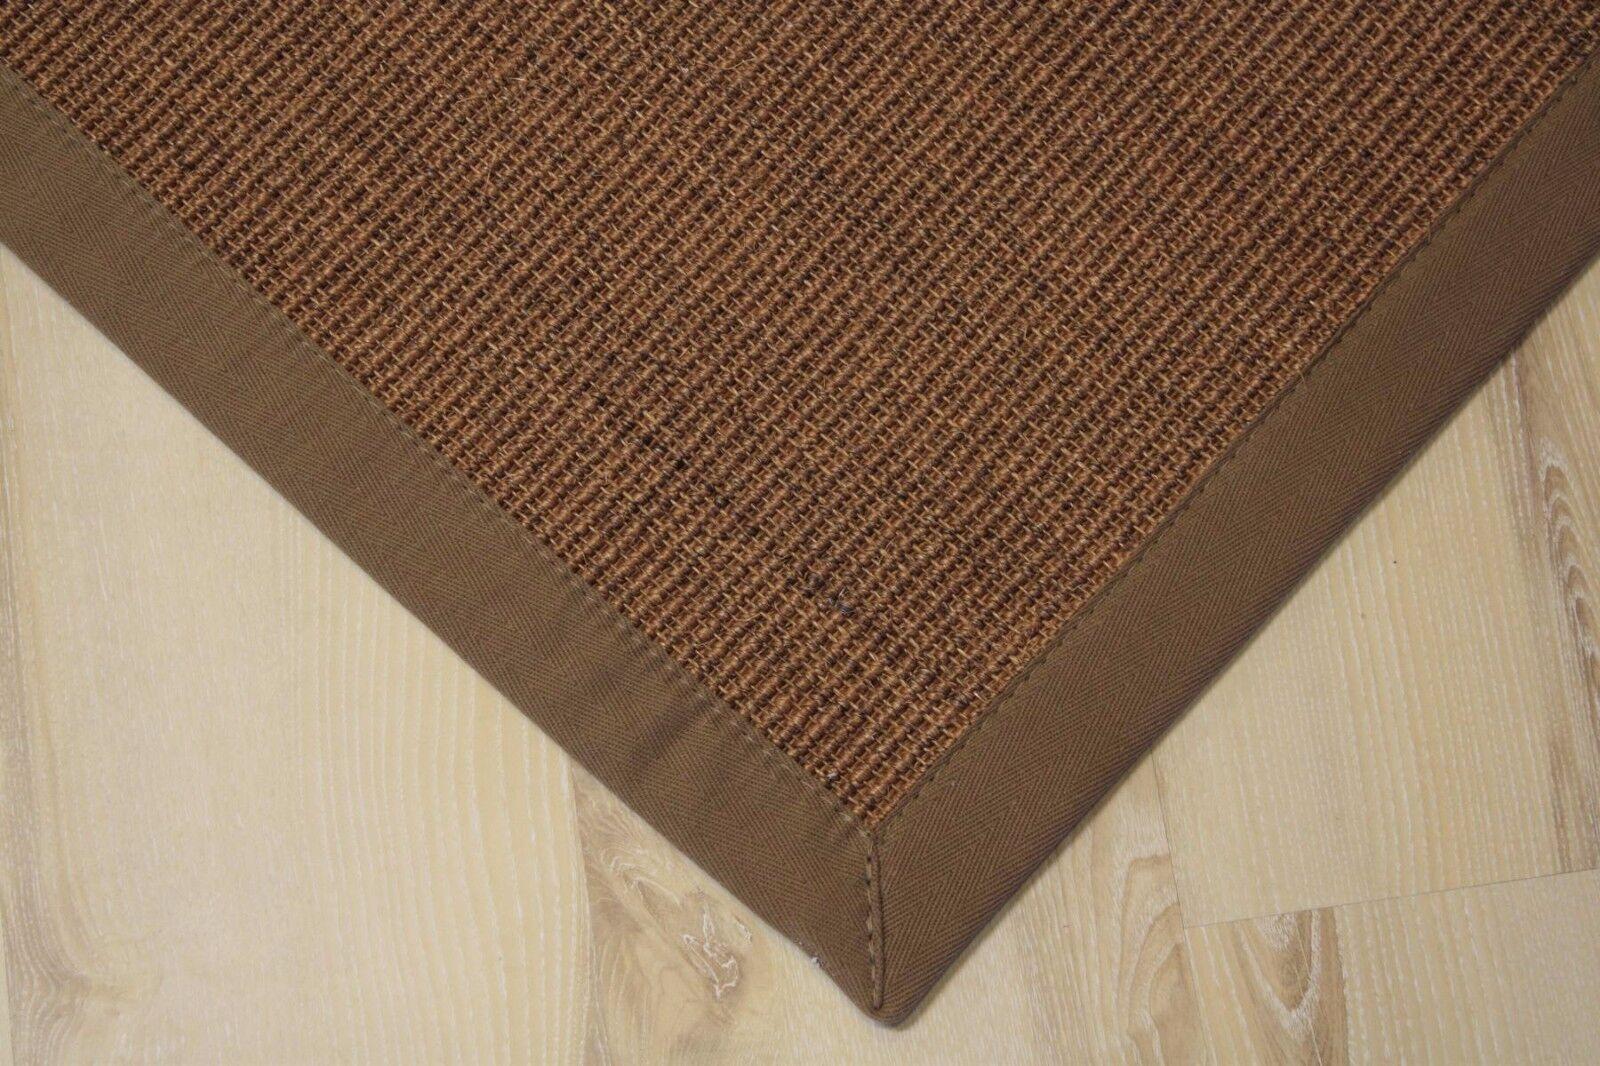 Tappeto in Sisal Manaus con Bordi Noce 65x140 cm 100% Agave